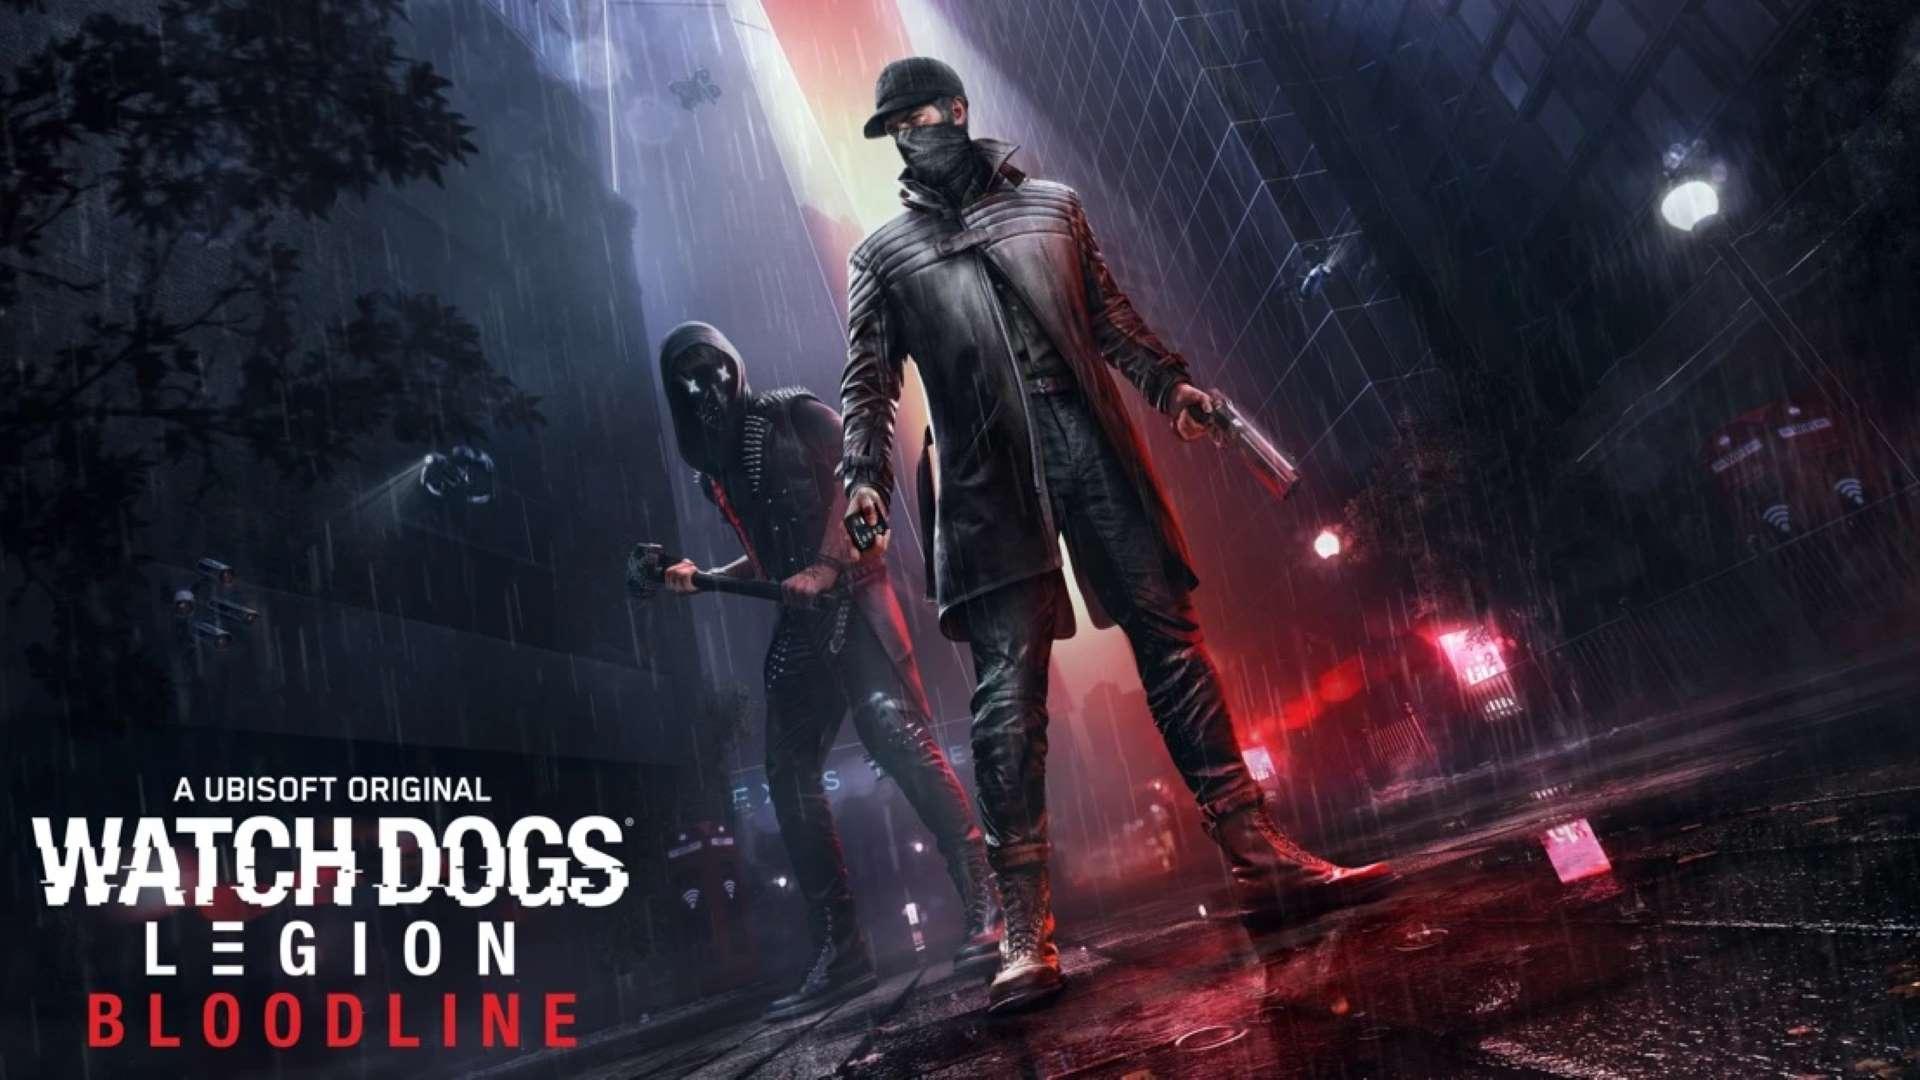 Watch Dogs: Legion - Bloodline - Key Art